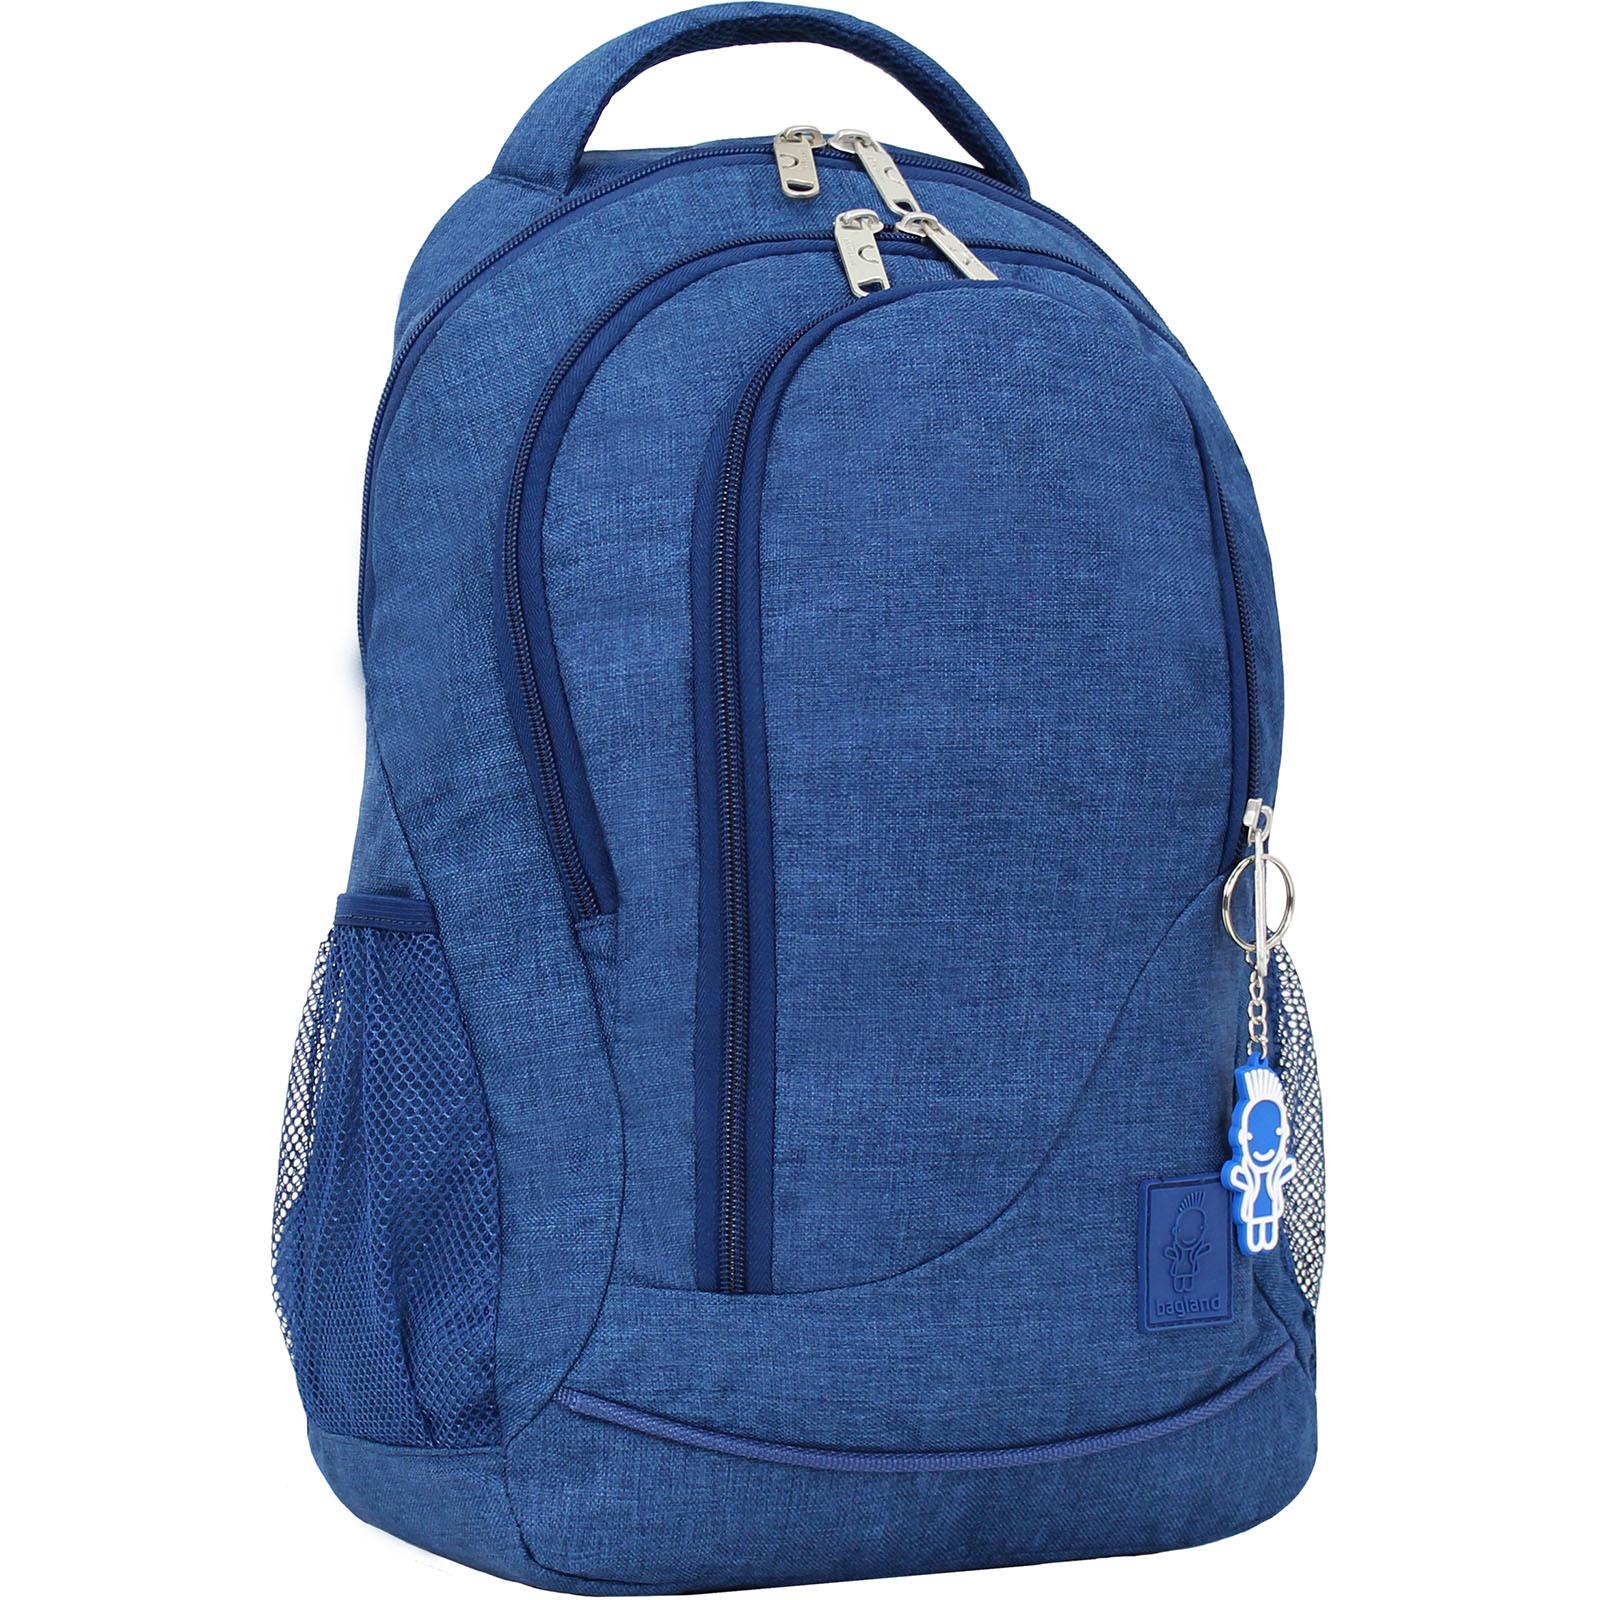 Городские рюкзаки Рюкзак Bagland Бис Меланж 19 л. Синий (0055669) IMG_9555.JPG